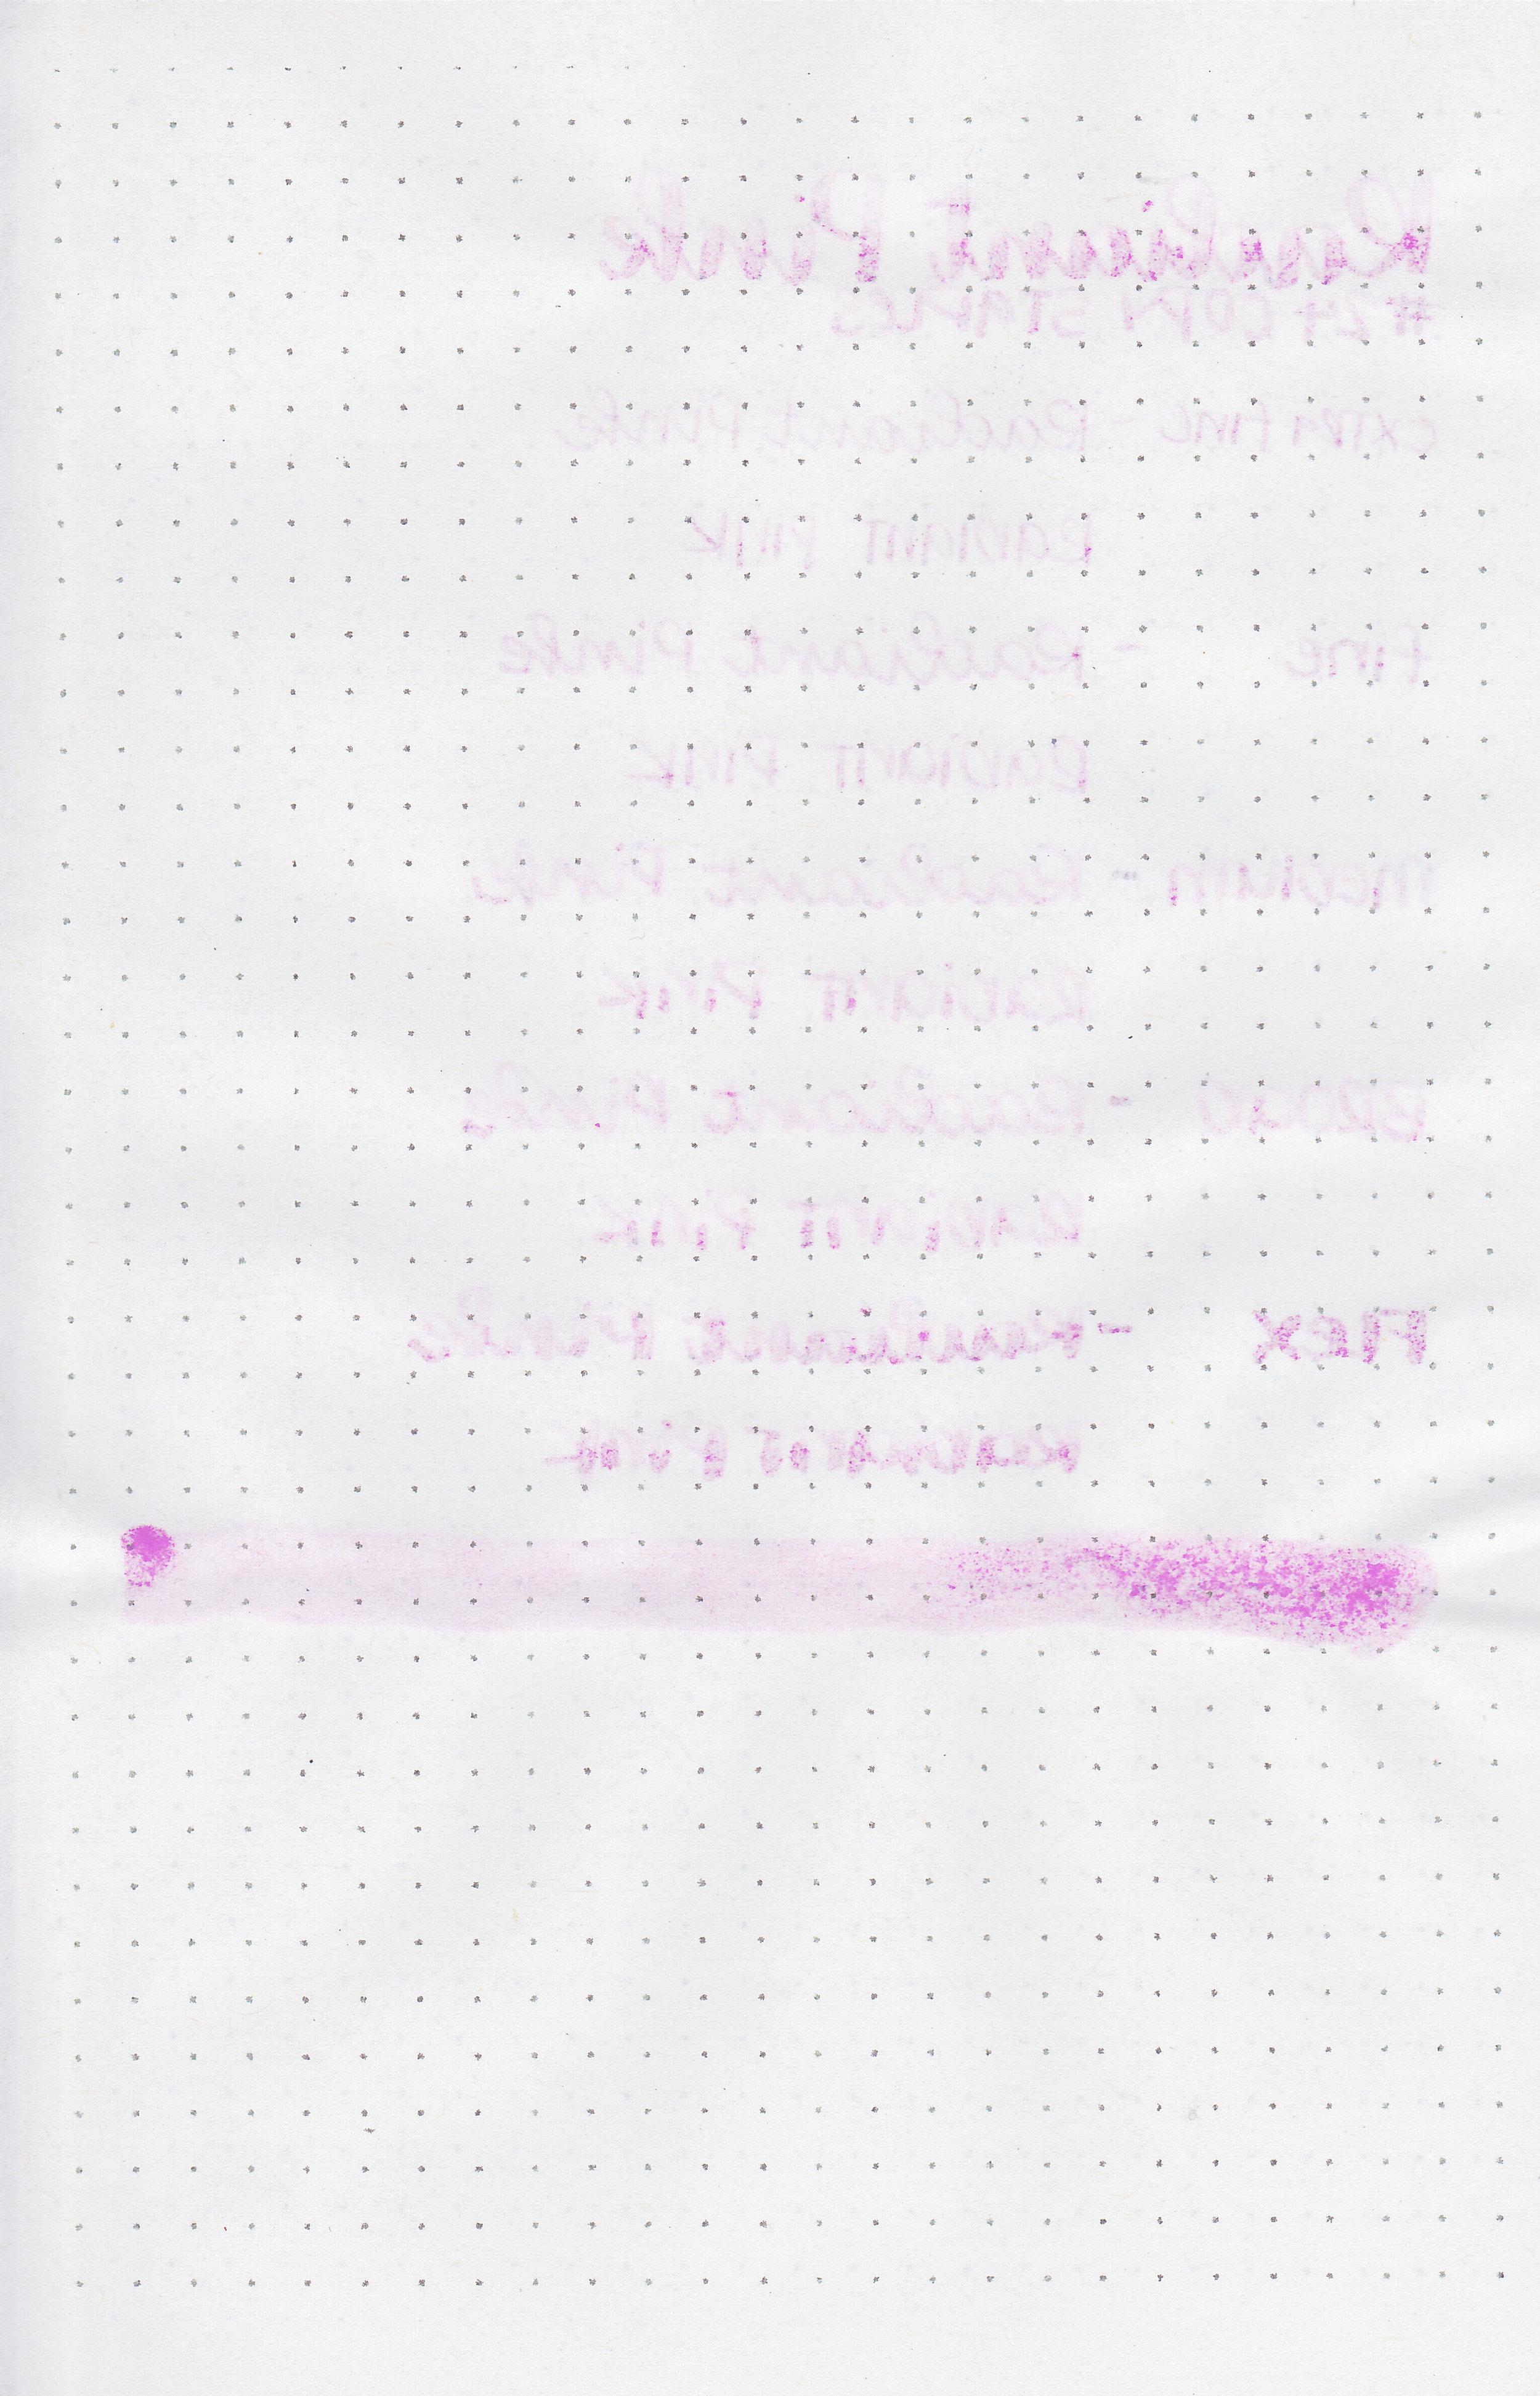 wtr-radiant-pink-14.jpg